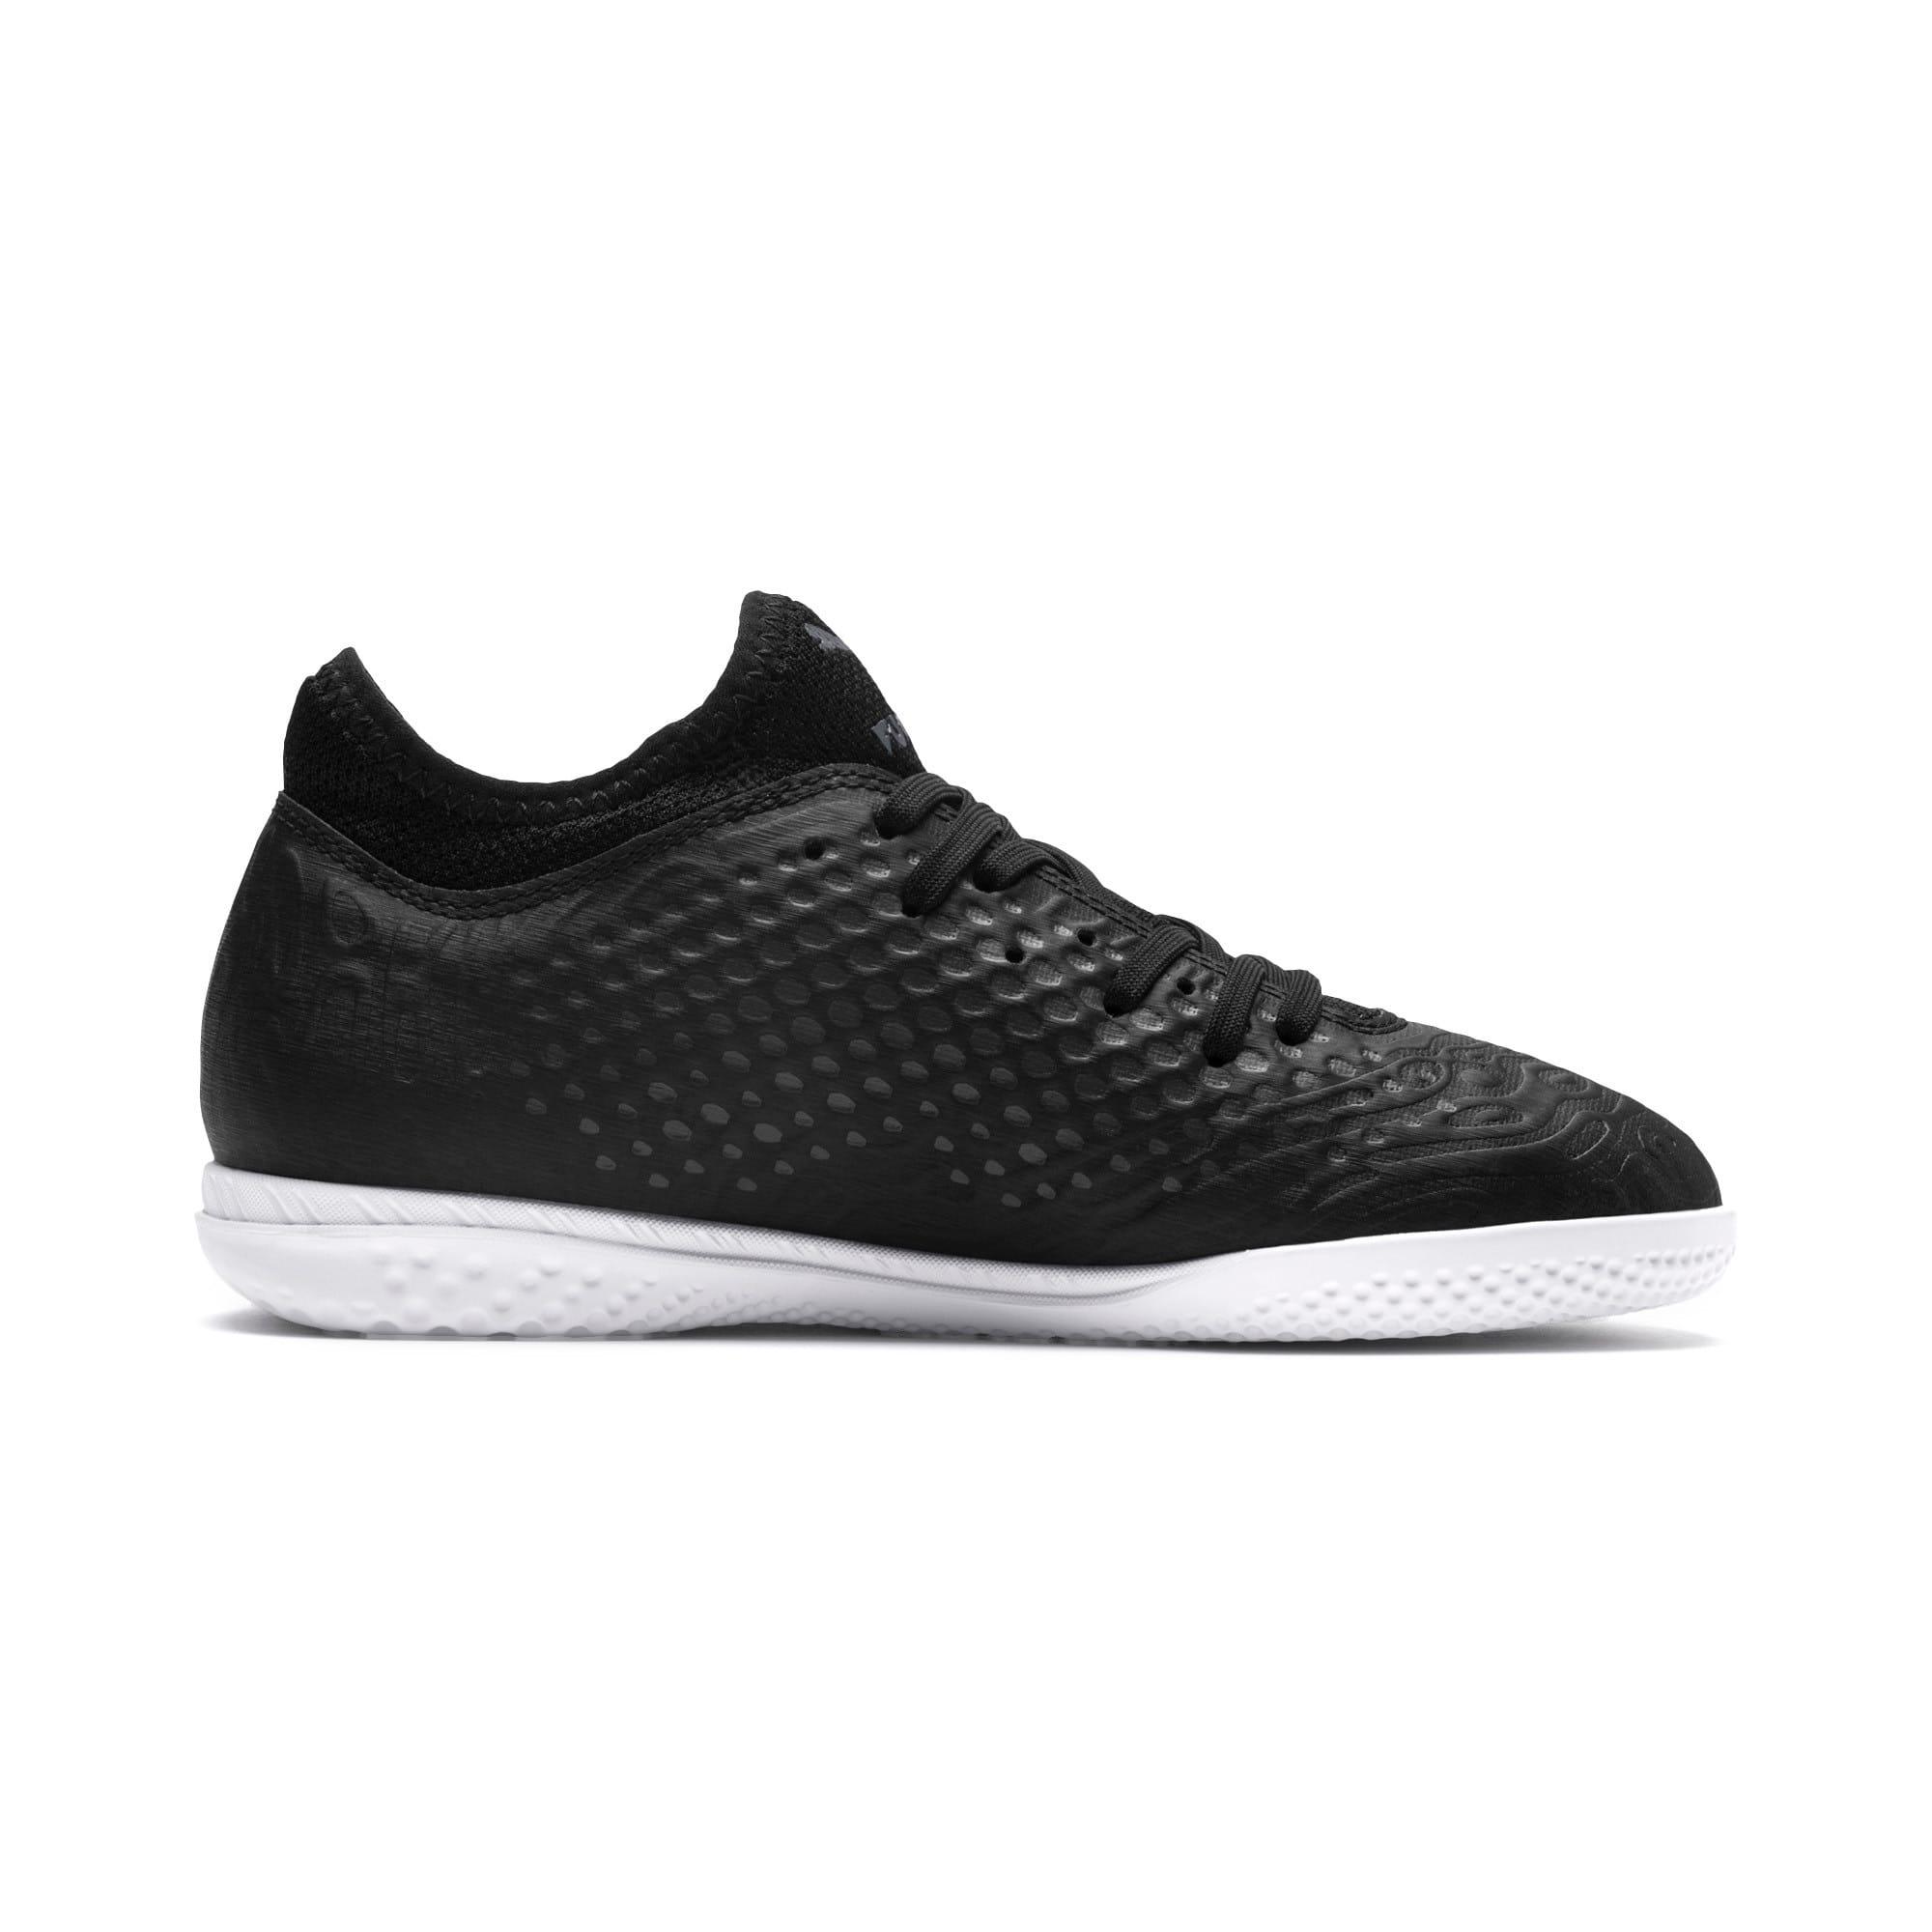 Thumbnail 5 of FUTURE 19.4 IT Soccer Shoes JR, Puma Black-Puma Black-White, medium